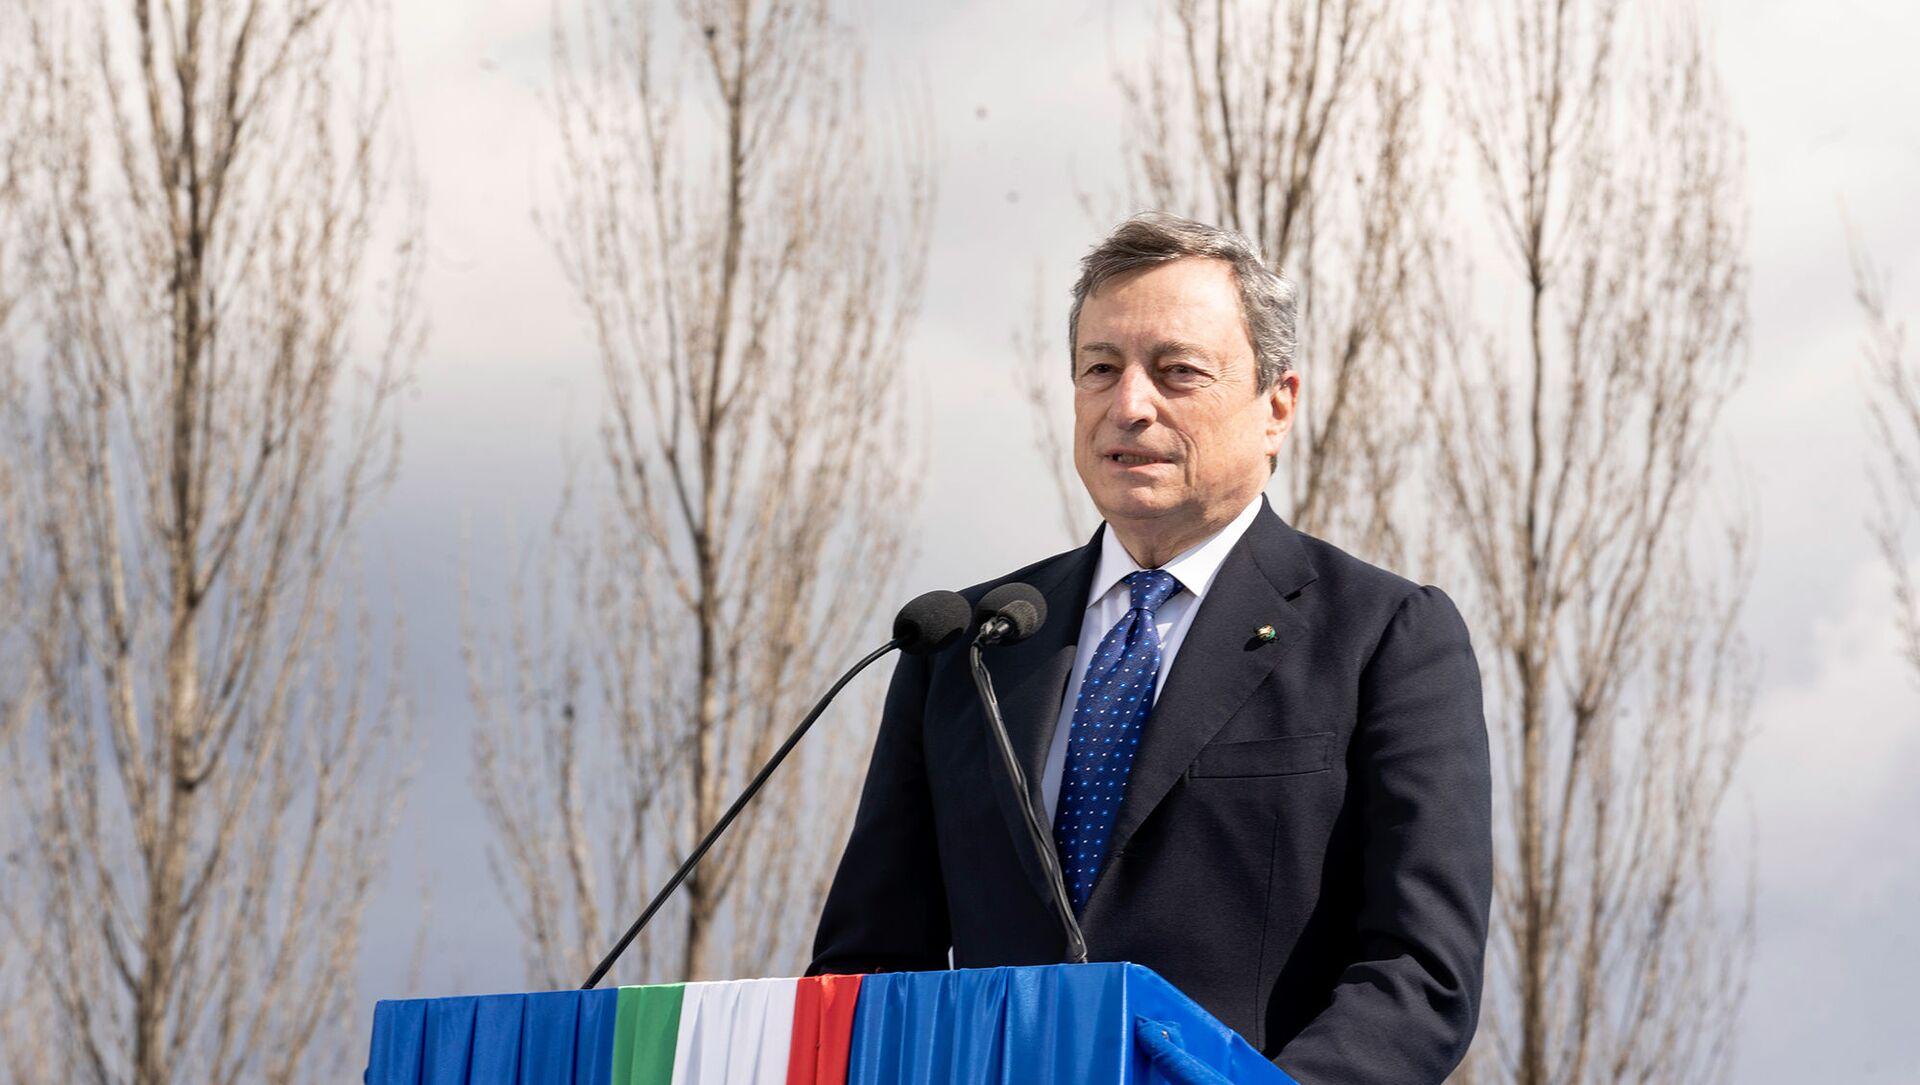 Il Presidente Draghi alla cerimonia d'inaugurazione del Bosco della Memoria - Sputnik Italia, 1920, 29.03.2021